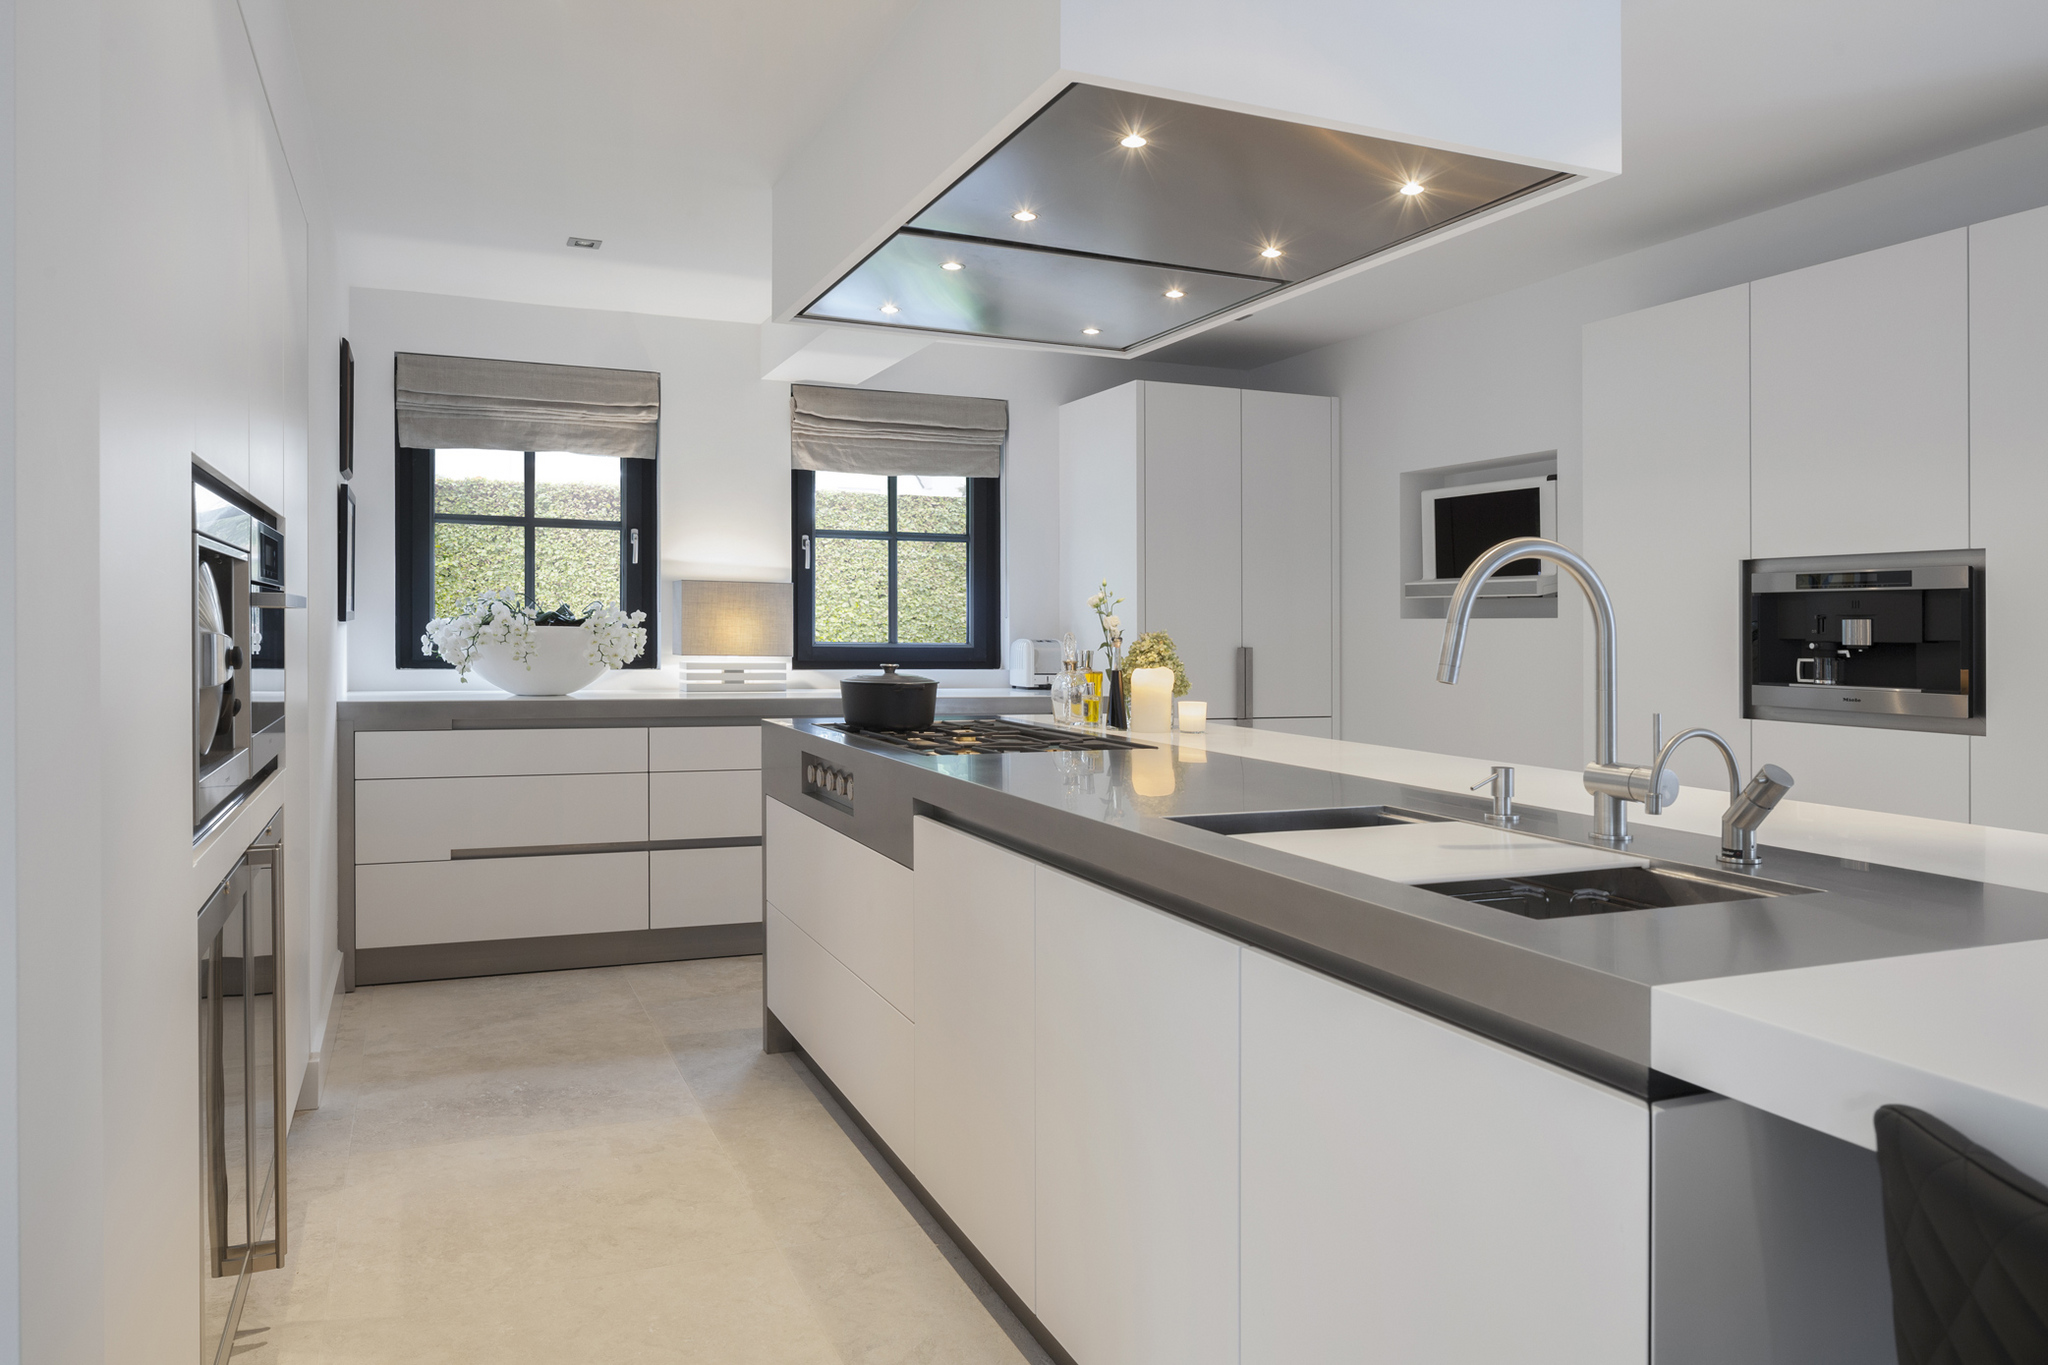 Voorbeelden Schiereiland Keuken : Witte Keuken Met Houten Werkblad : Witte keuken voorbeelden & idee?n